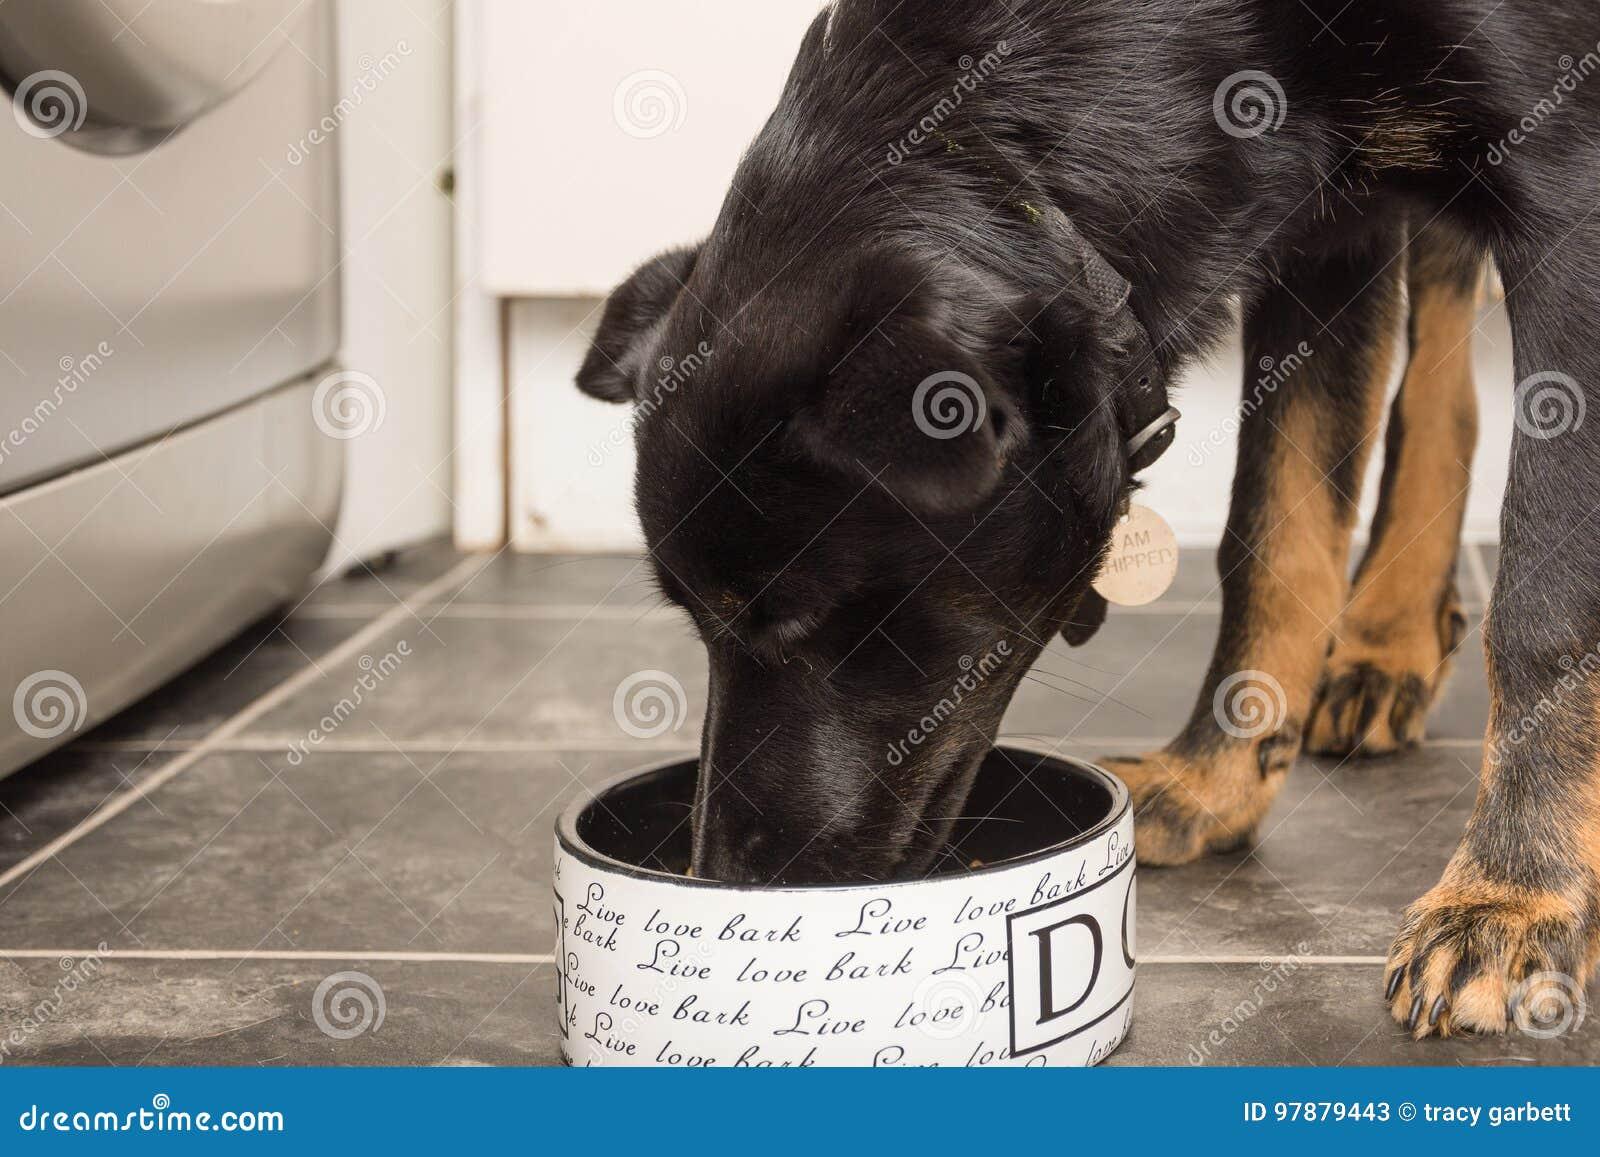 Cucciolo Del Pastore Tedesco Che Mangia Cibo Per Cani Da Una Ciotola